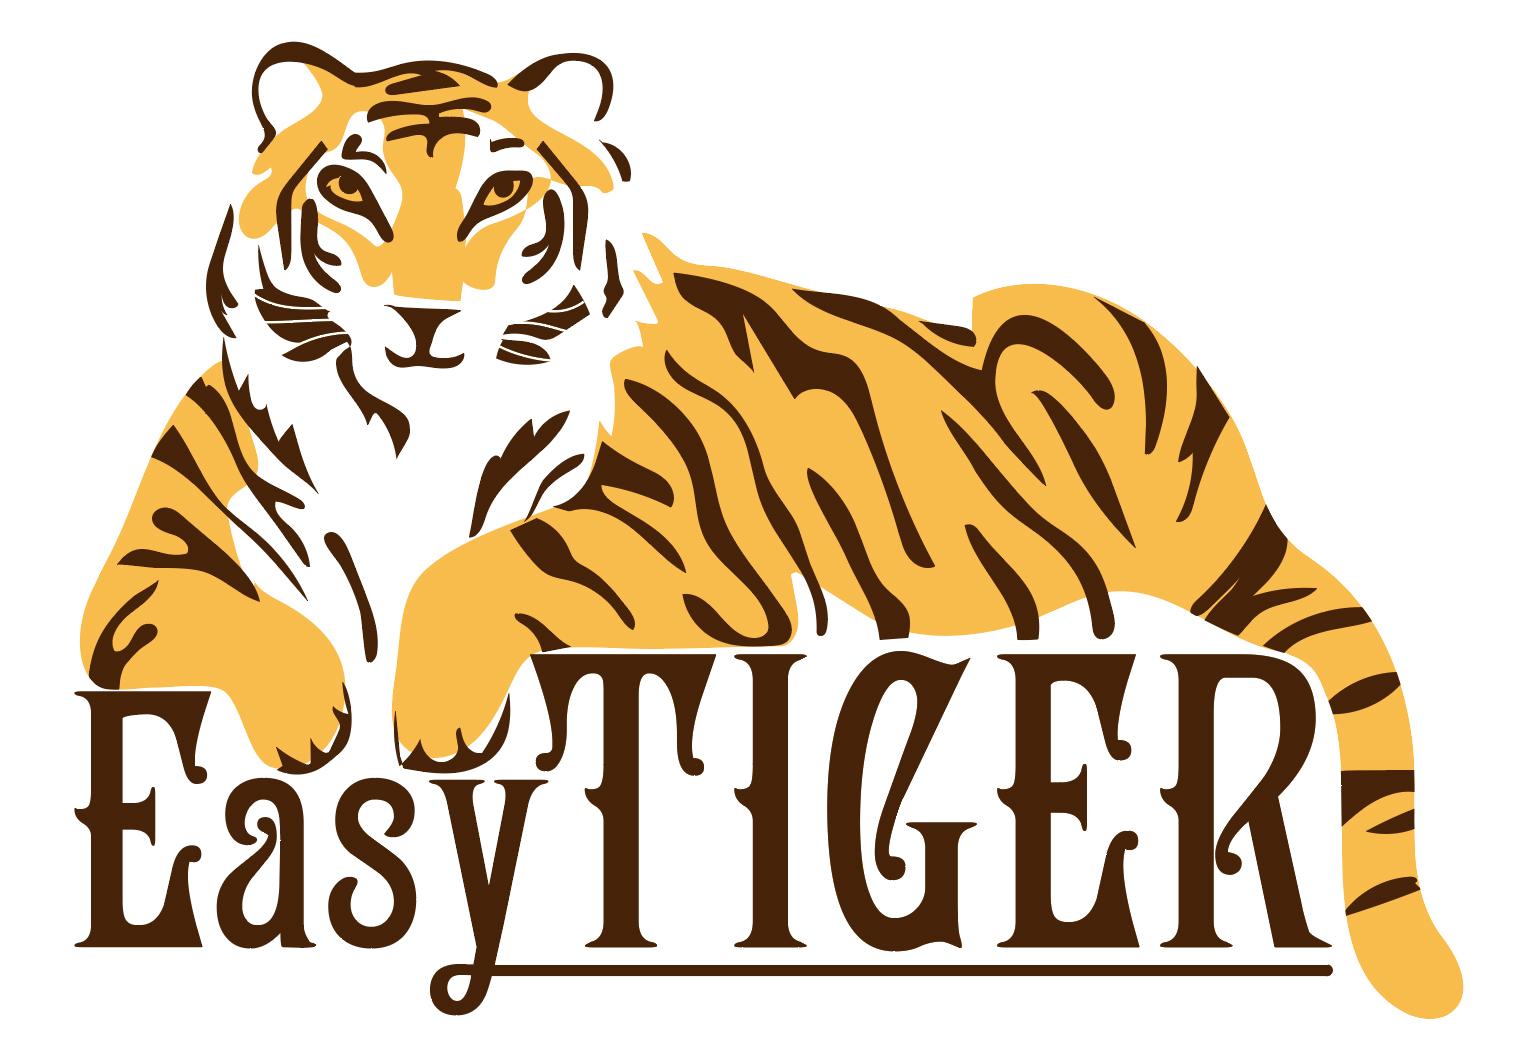 Easy Tiger.jpg